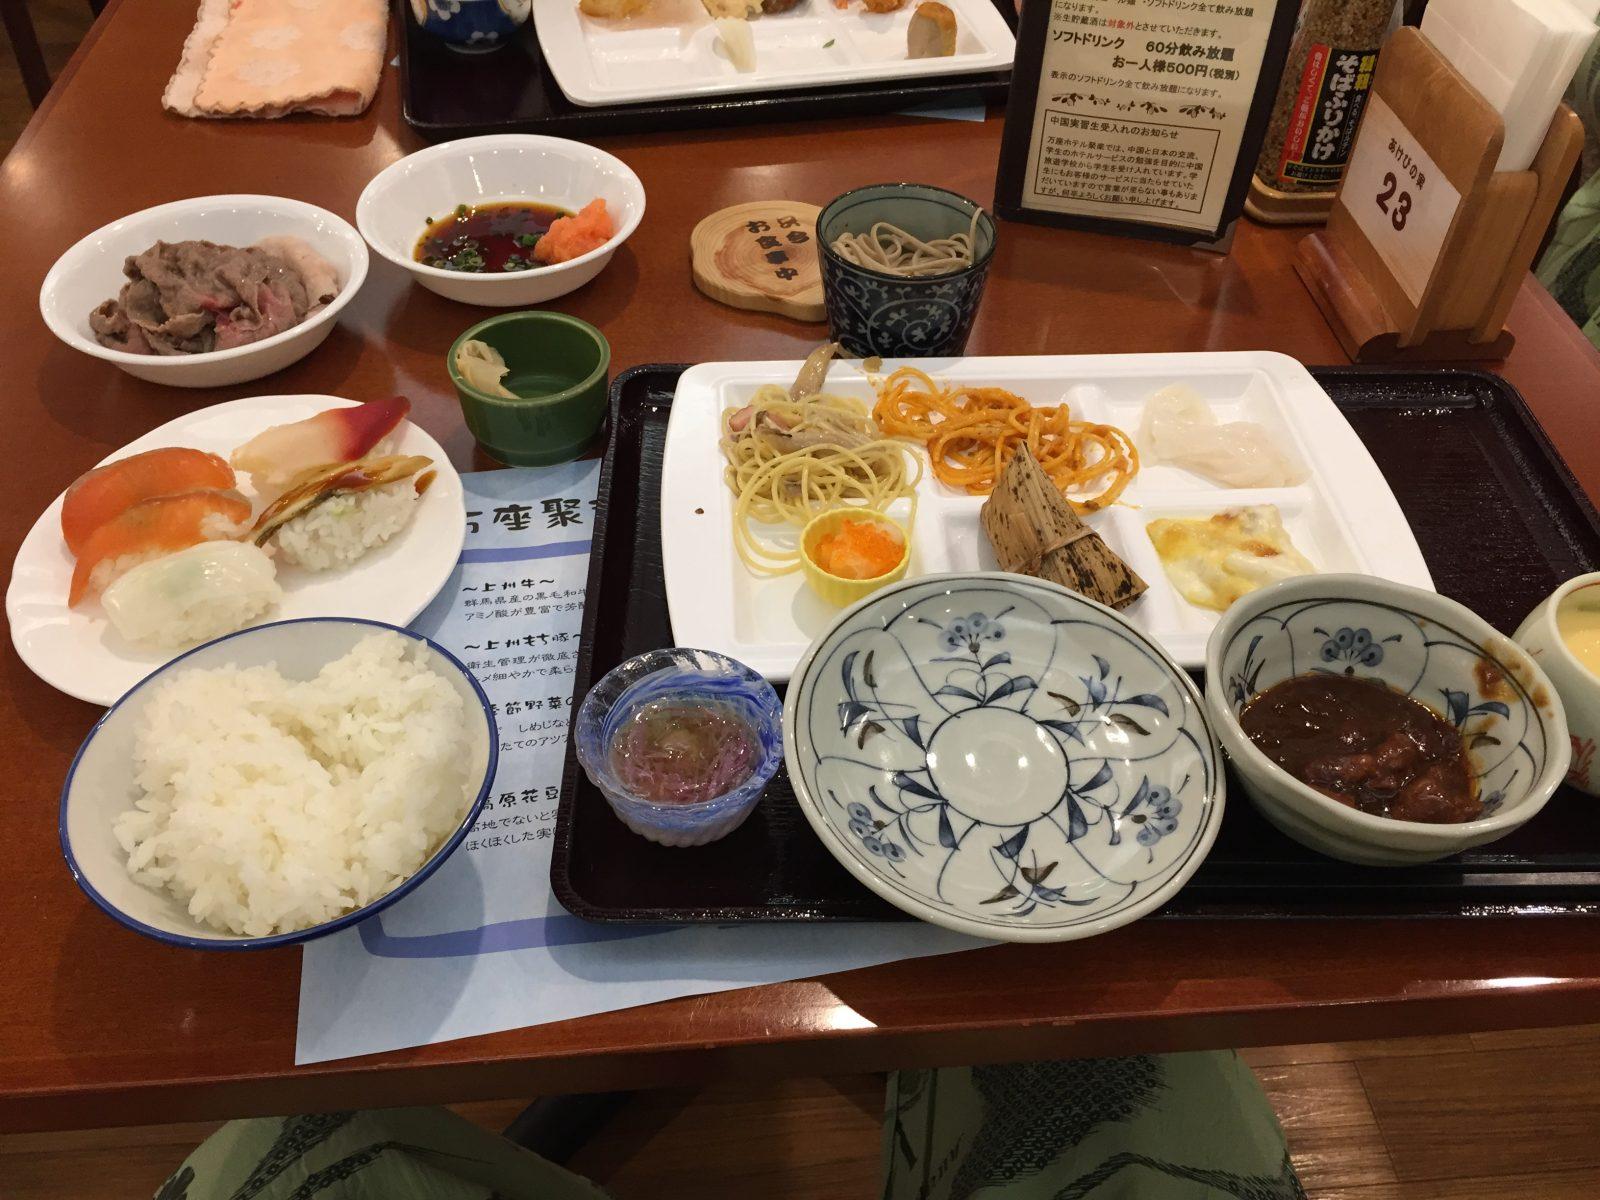 日本一の硫黄泉を求めて 万座温泉ホテル聚楽 宿泊記 その3 食事編